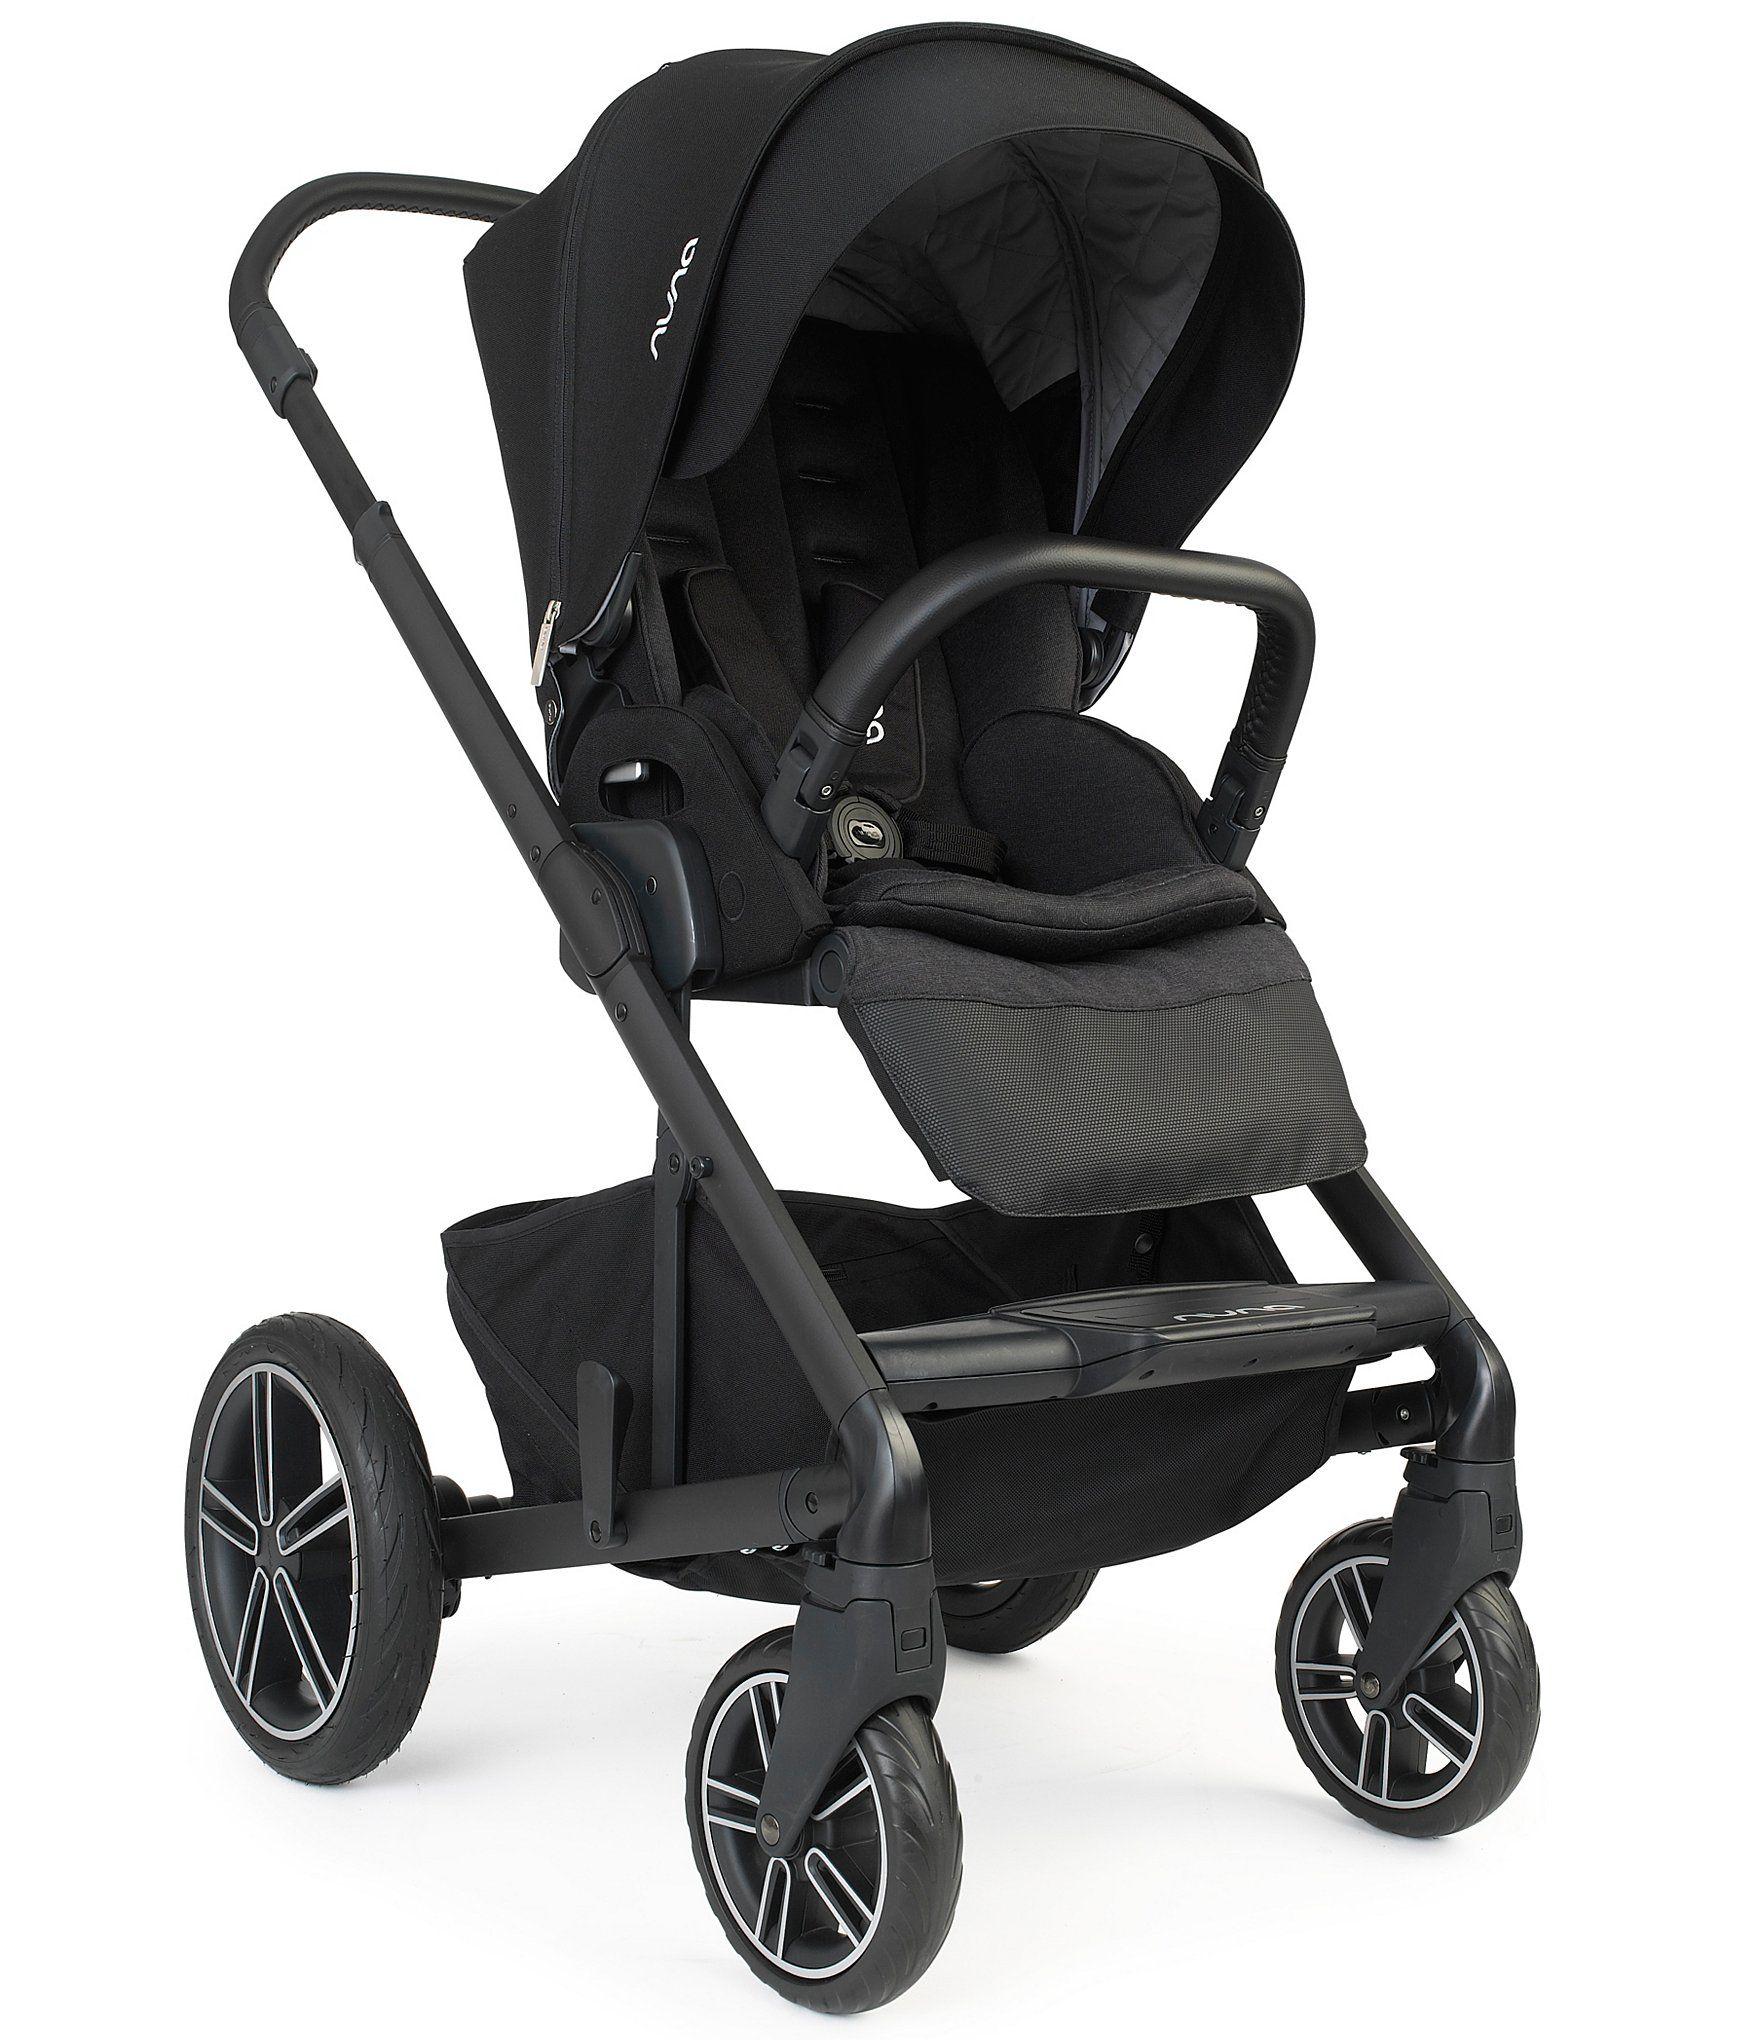 Nuna Mixx2 Stroller in 2020 Car seats, Baby car seats